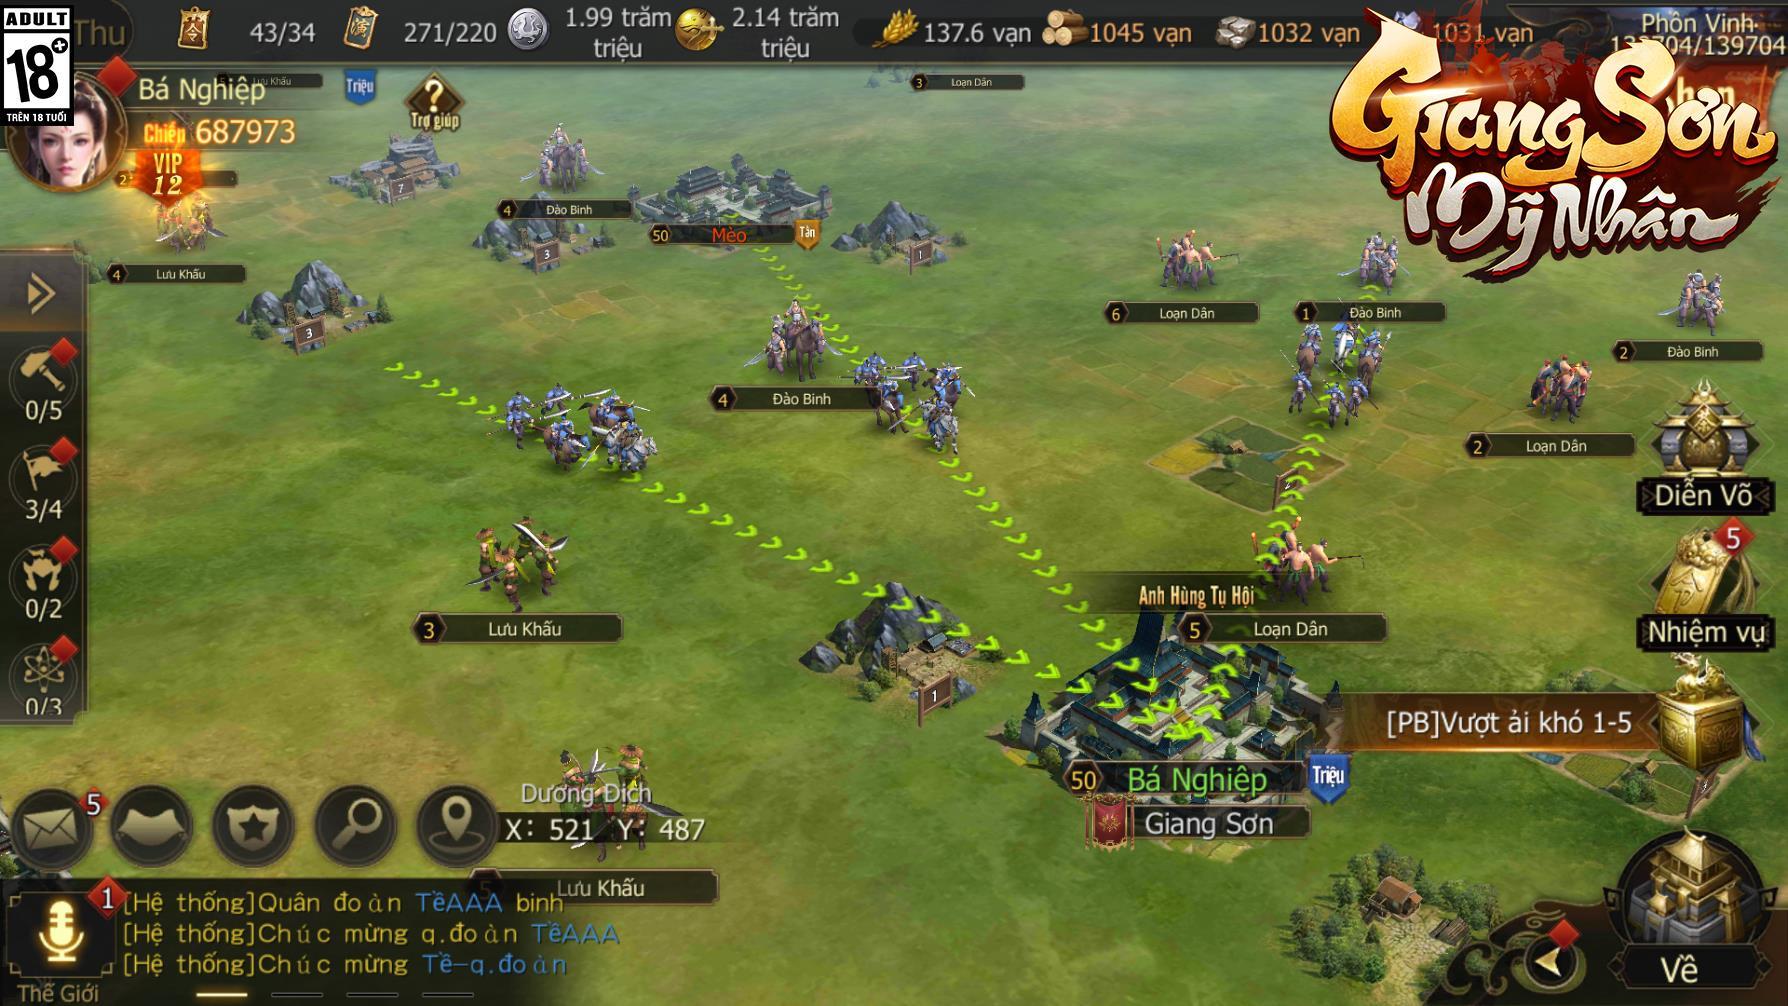 Từ Tam Quốc Truyền Kỳ đến Giang Sơn Mỹ Nhân, game chiến thuật xây thành nuôi quân đã thay đổi ra sao sau 10 năm - Ảnh 4.